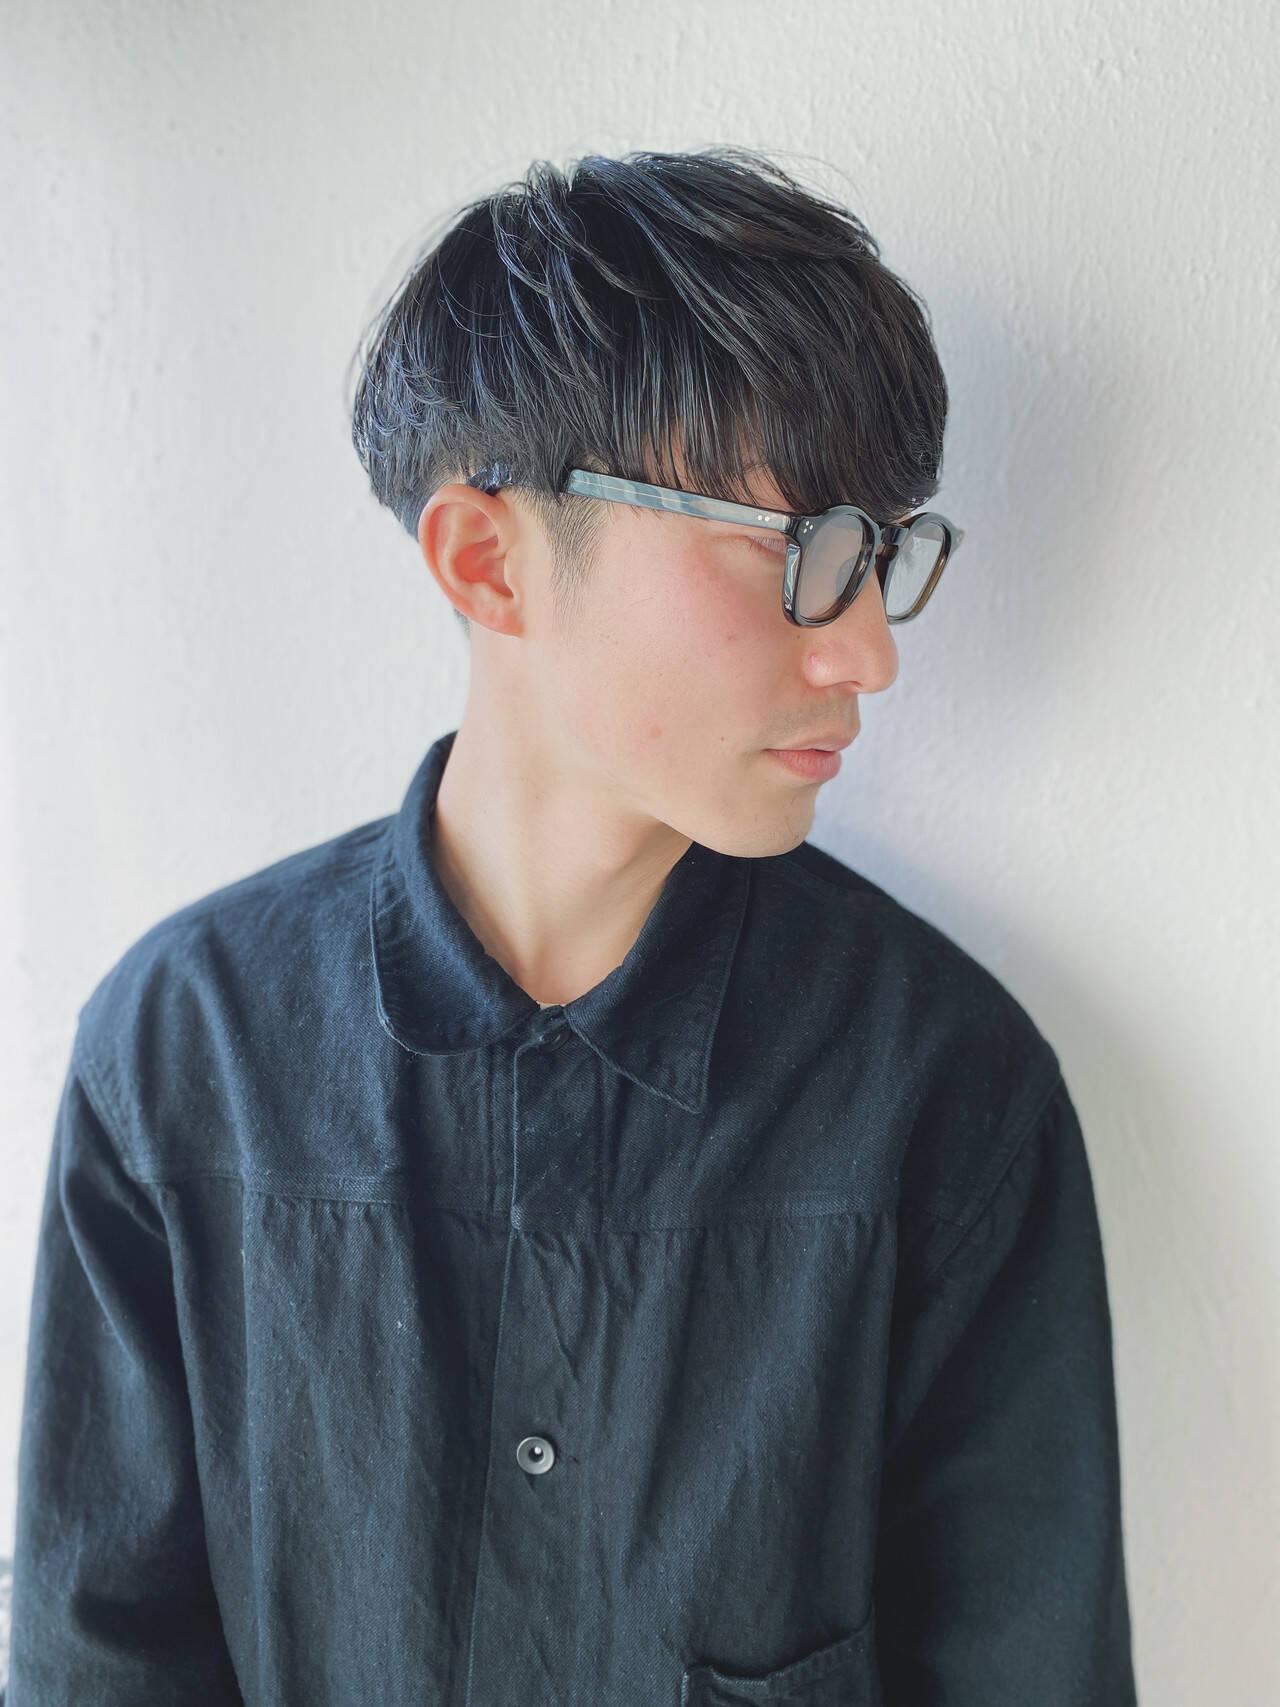 メンズスタイル マッシュショート ツーブロック 黒髪ヘアスタイルや髪型の写真・画像